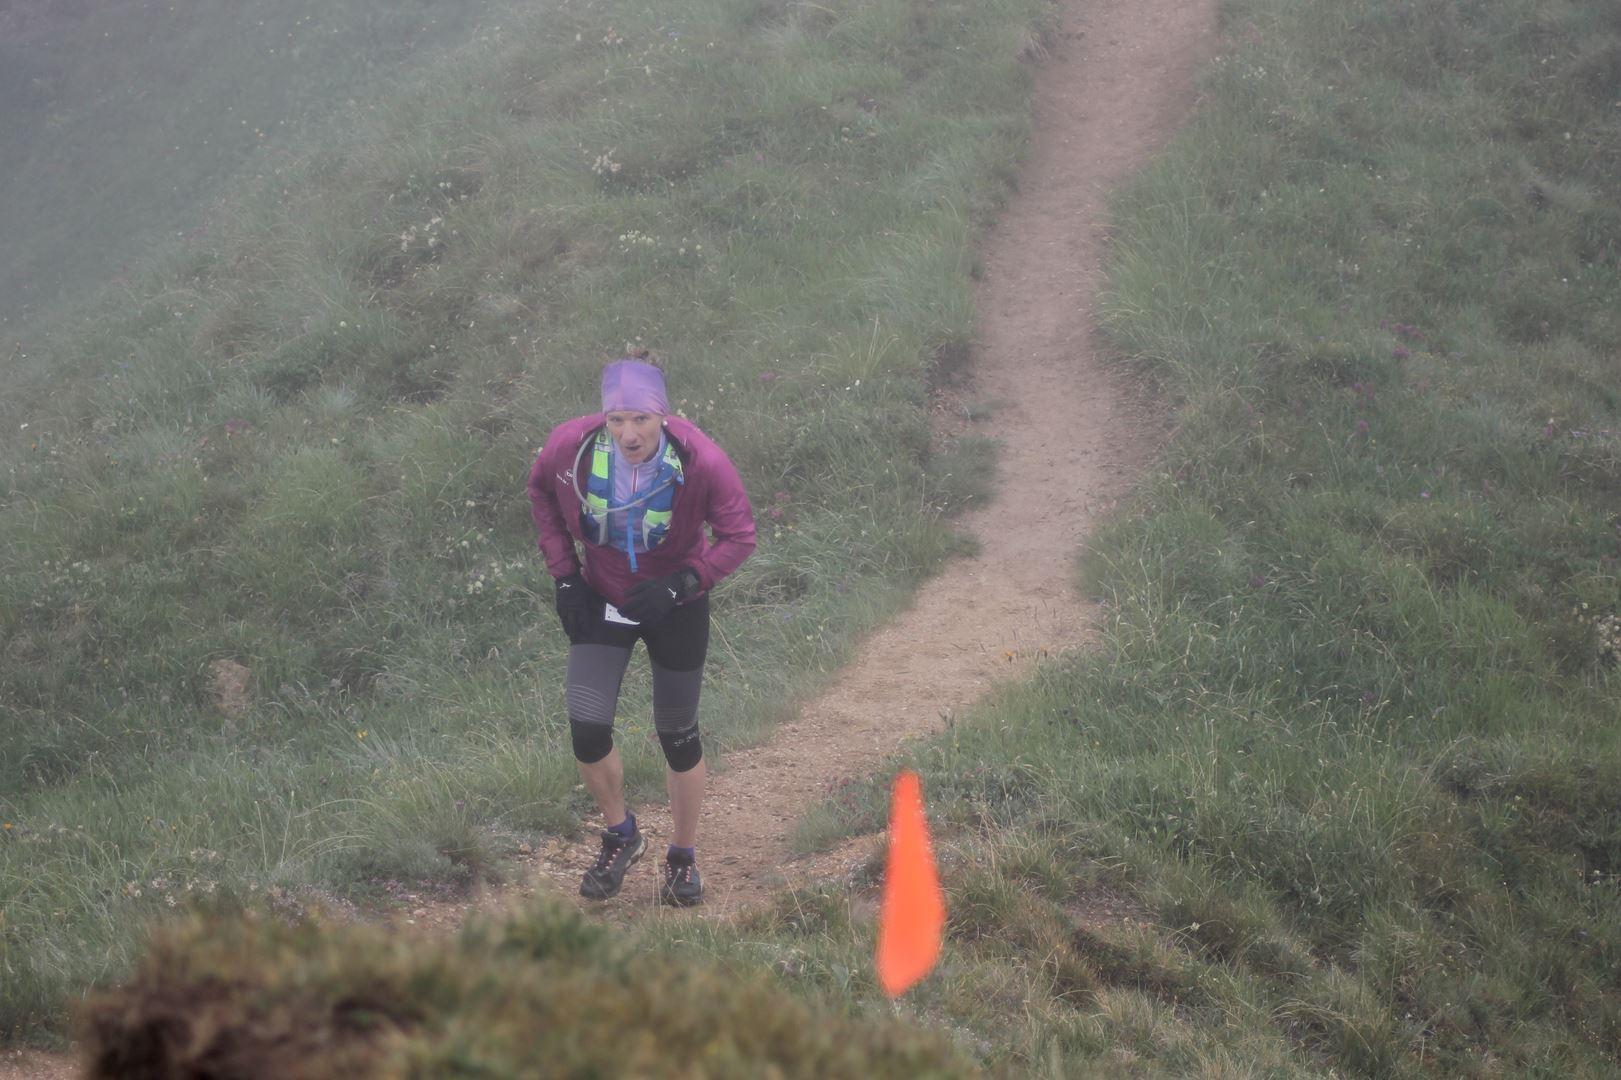 Séverine Bovero 2ème femme du 30km - TGV 2017 : RESULTATS ET REPORTAGE  01/02-07-2017